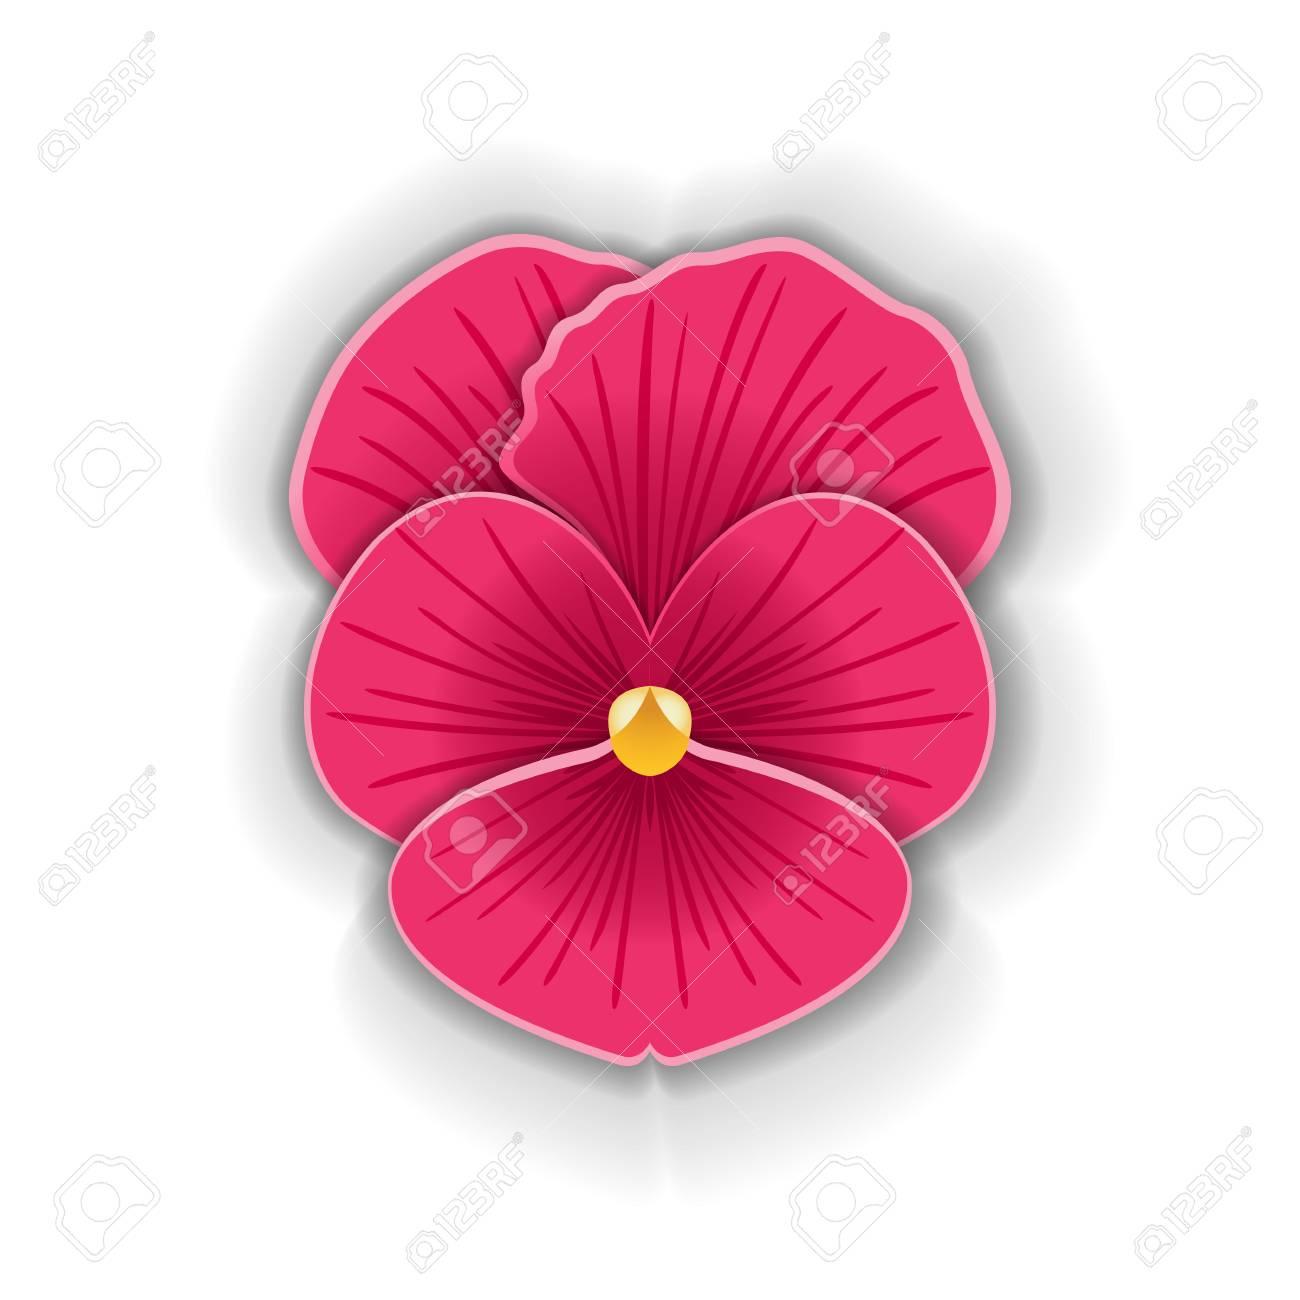 Fleur De Pensée Mignonne Dans Le Style Art Papier Isolé Sur Fond Blanc.  Schéma De Papier. Illustration Vectorielle pour Schéma D Une Fleur